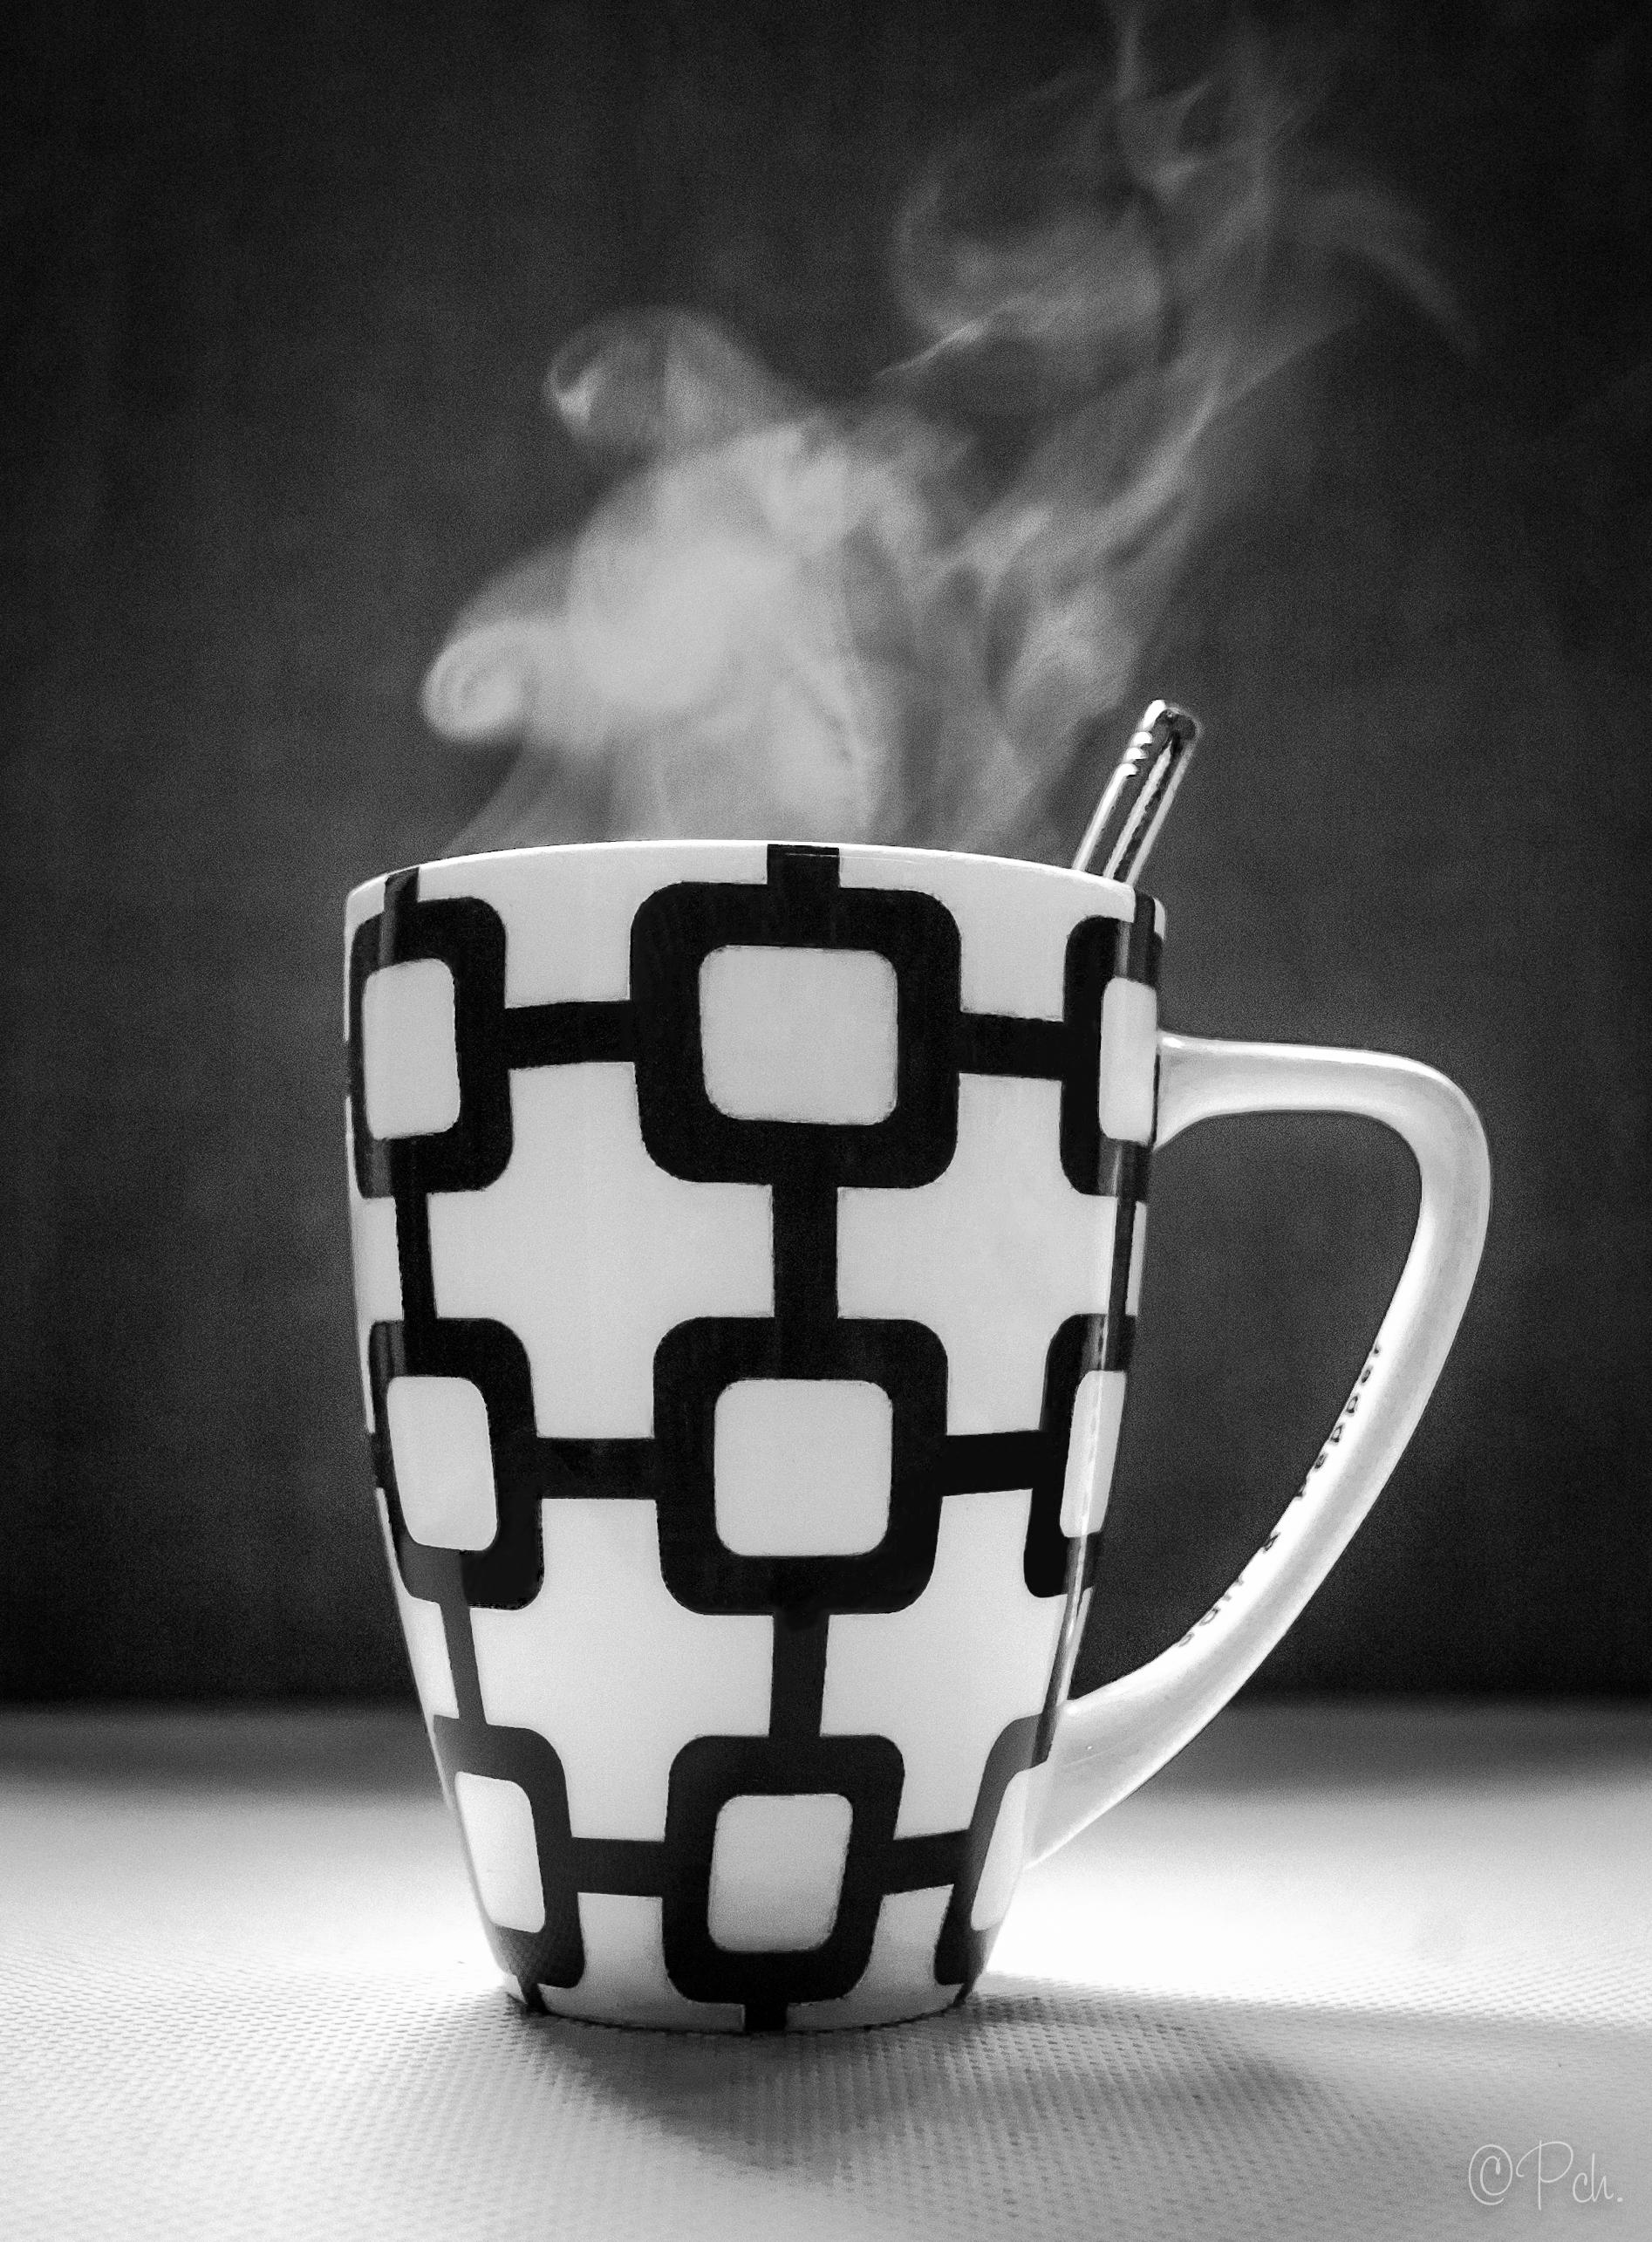 10932050674_f924efc5f1_o cana cu ceai cald photopin